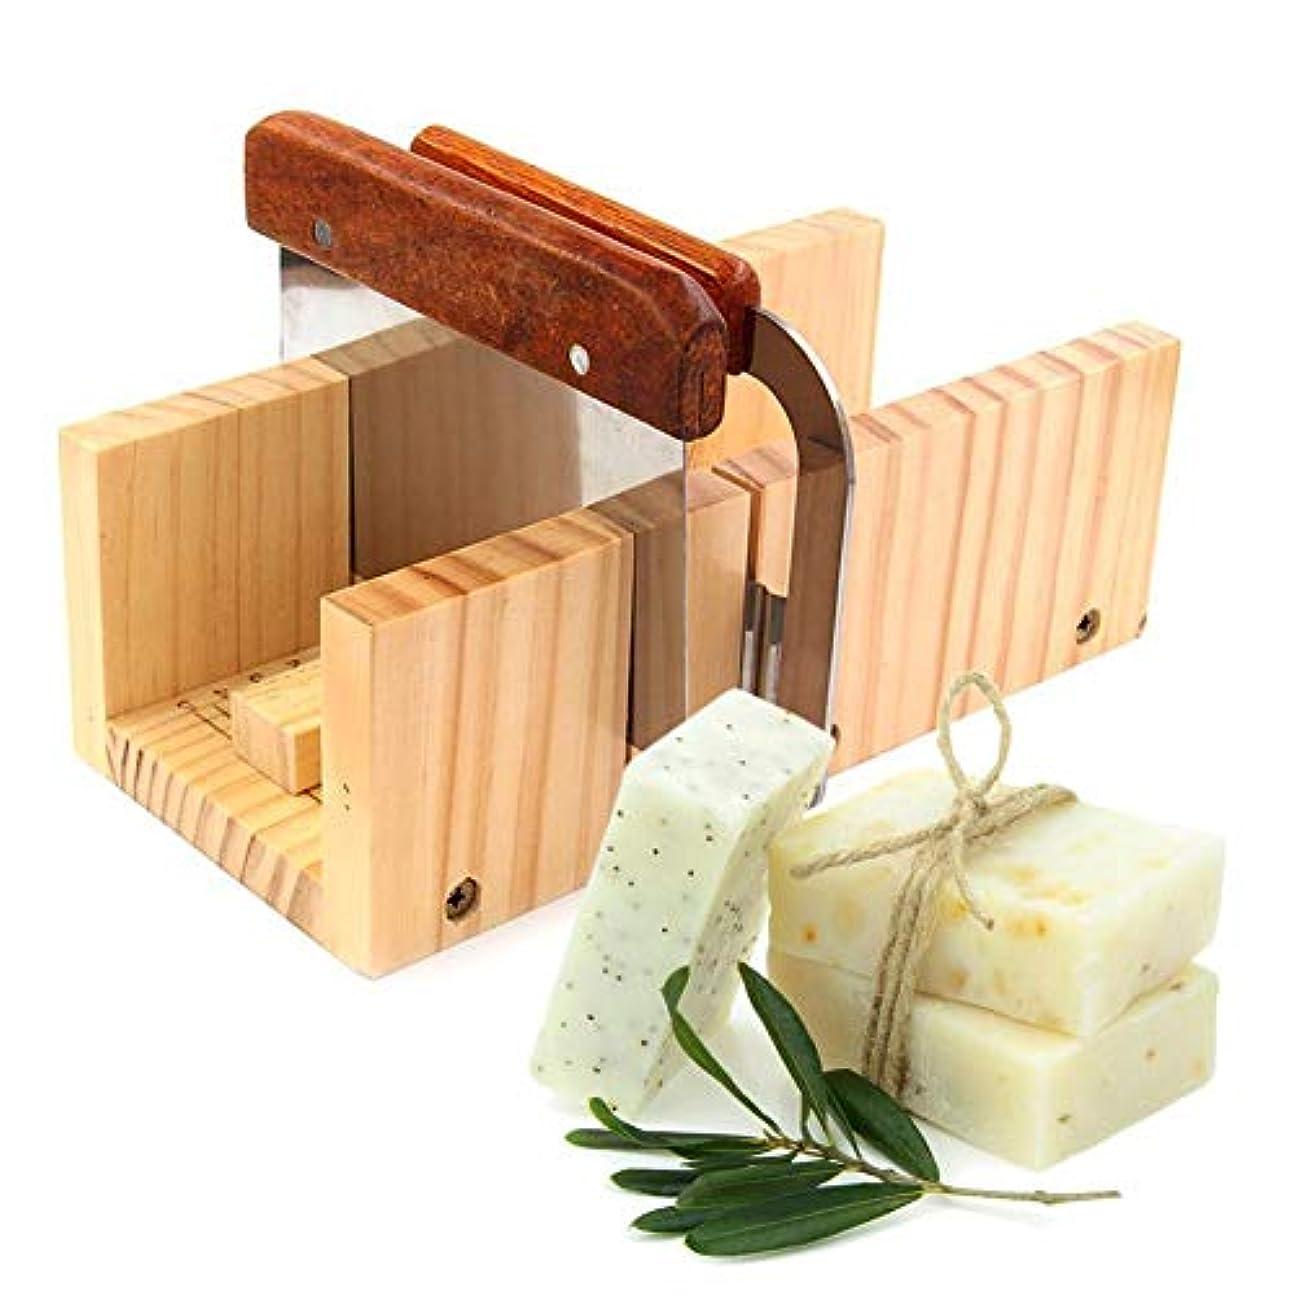 折る解読する着飾るRagem ソープカッター 手作り石鹸金型 木製 ローフカッターボックス 調整可能 多機能ソープ切削工具 ストレートプレーニングツール